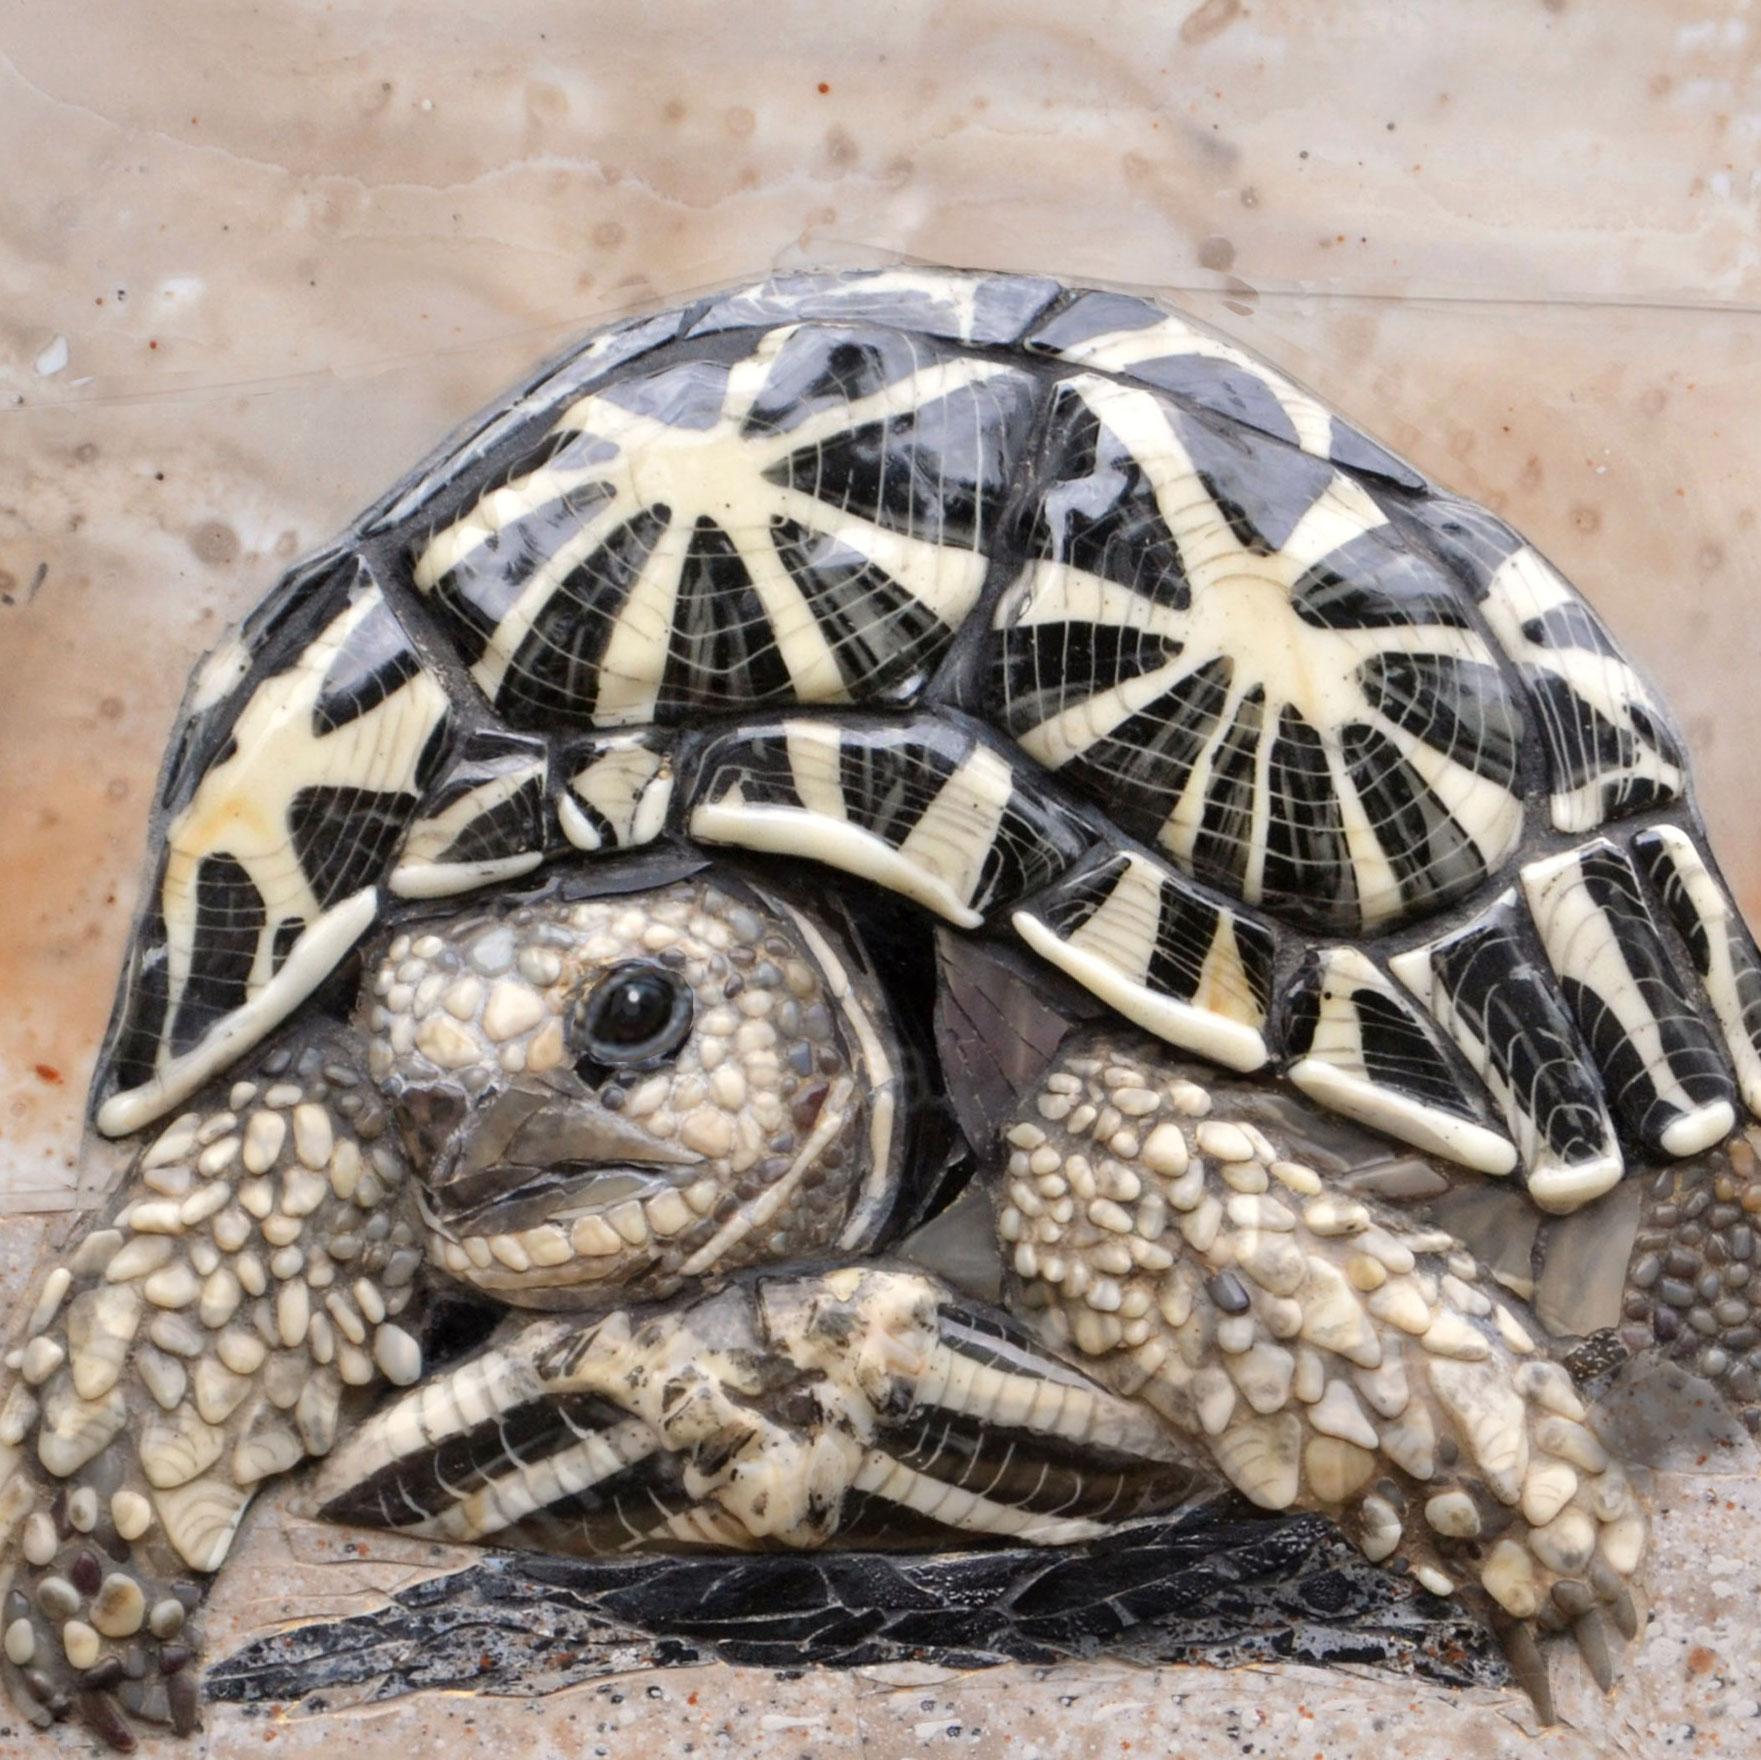 tortoise-in-desert